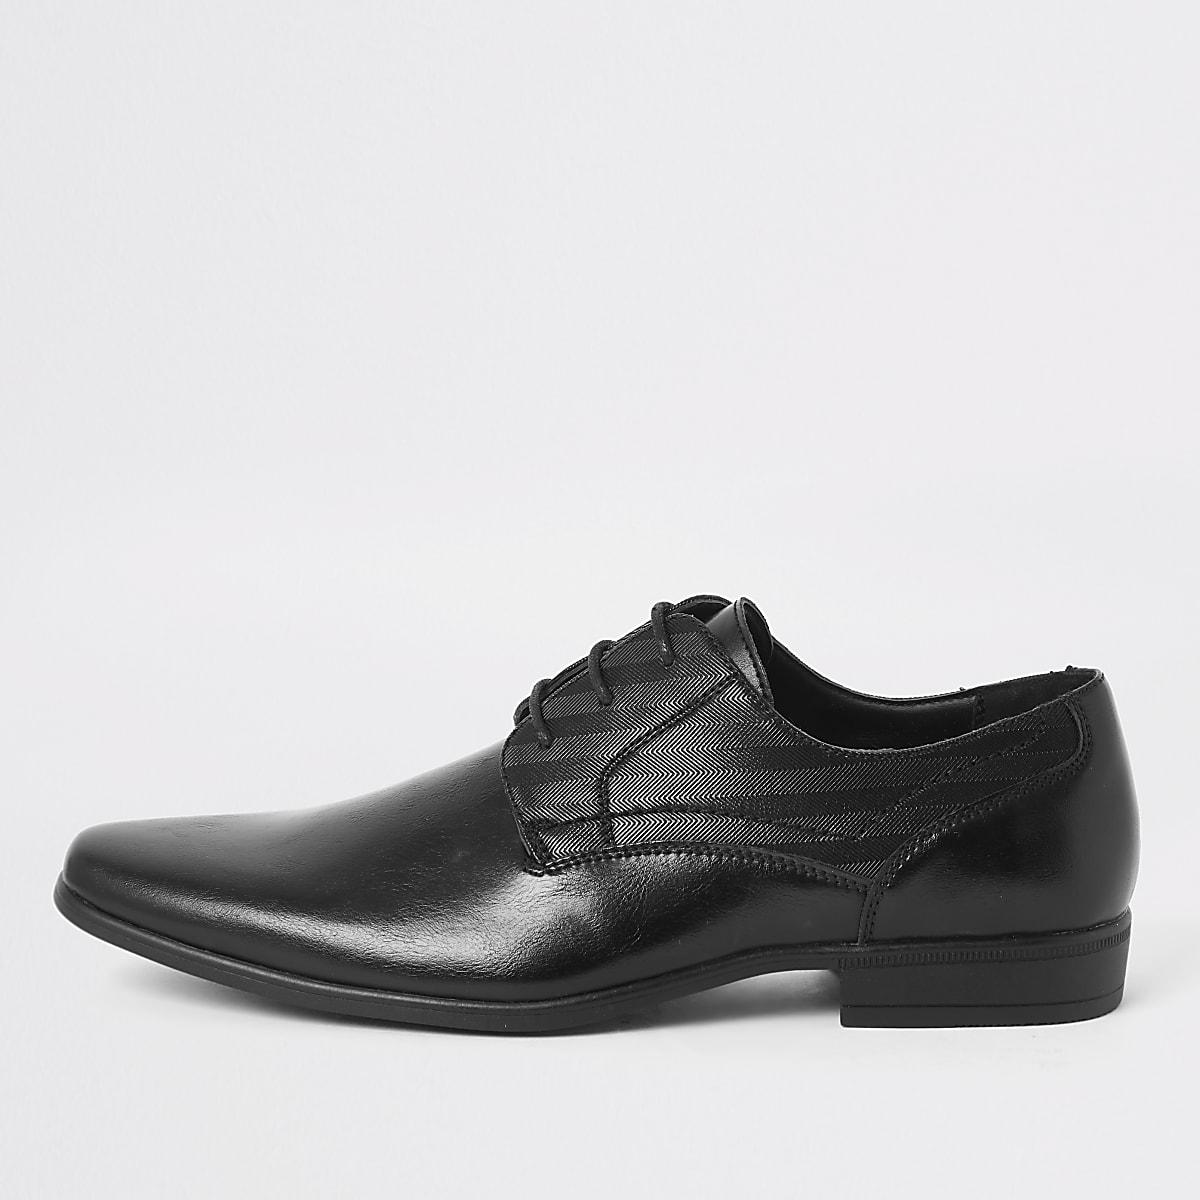 Zwarte derbyschoenen met reliëf